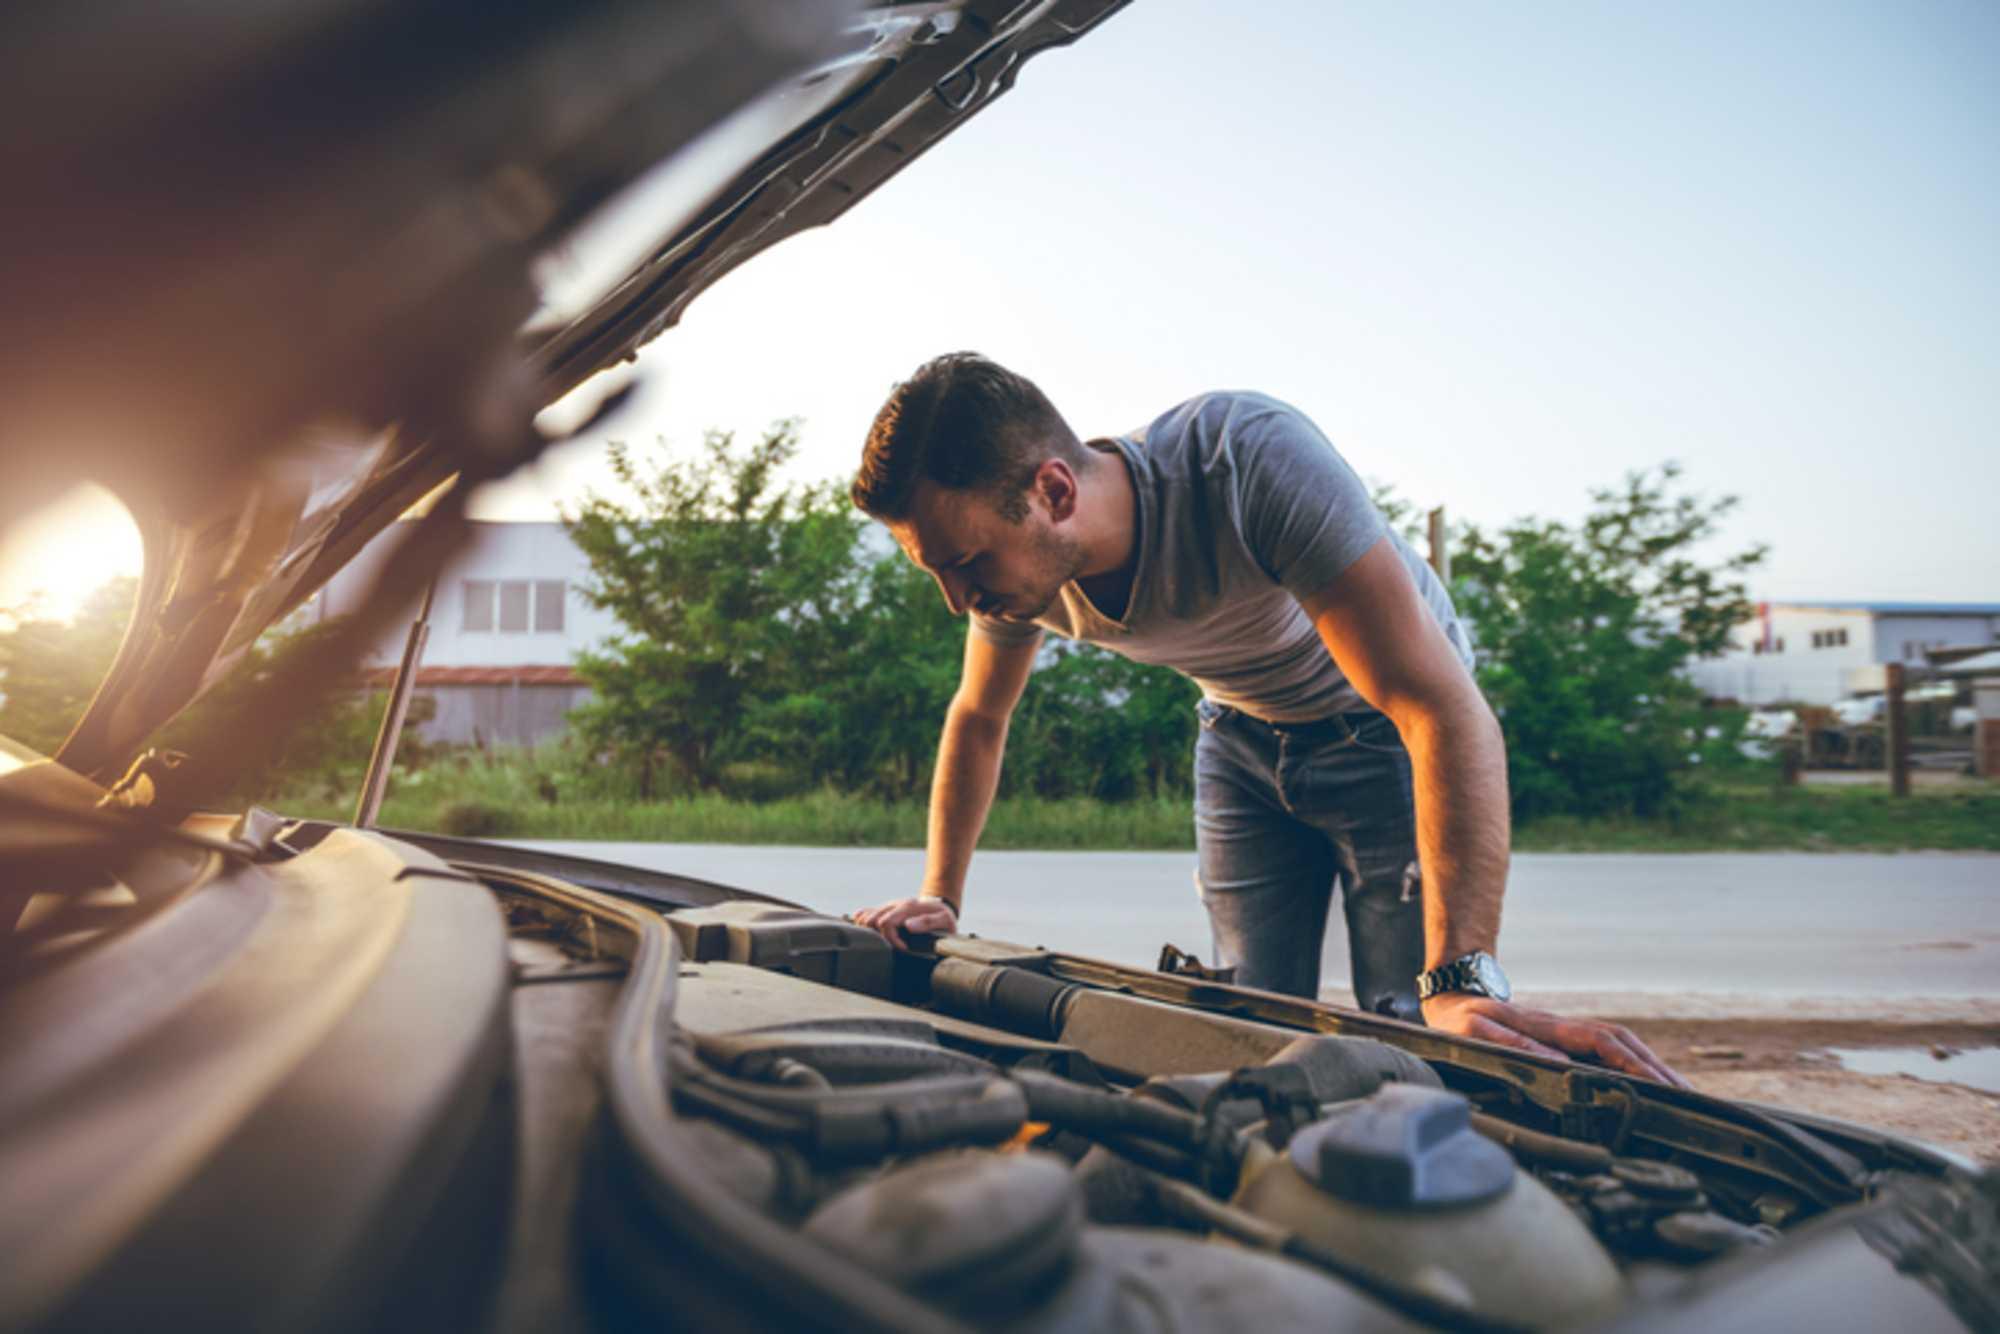 ¿Cómo hacer el mantenimiento al coche? | ViveMásVidas